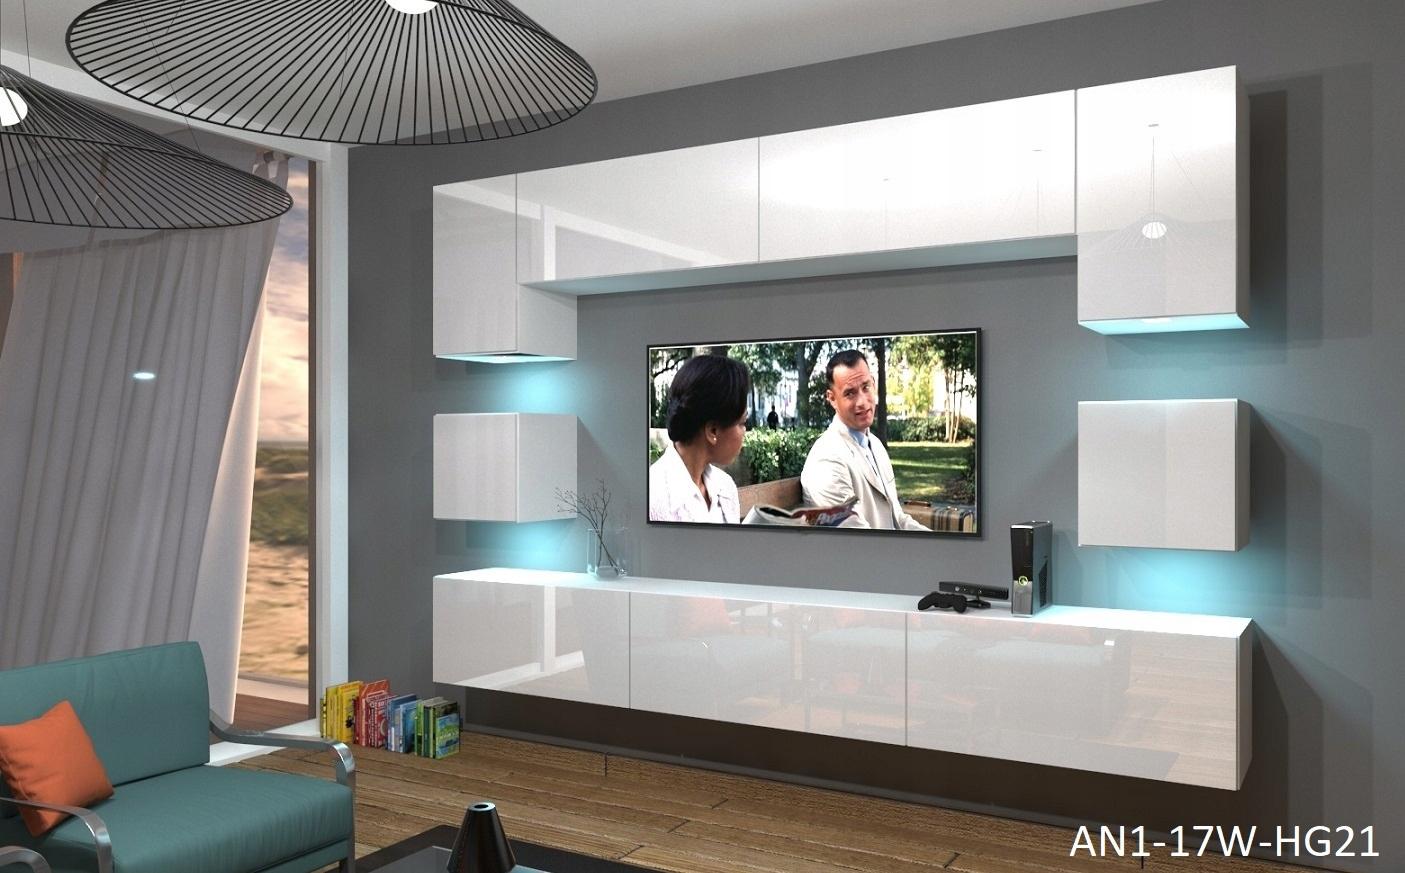 Wohnzimmer Set 9 Einzelteile Anbauwand Wohnwand Wohnwande Schrankwand Modernes Wohnzimmer Neu Nowara Nx 1 Weiss Hochglanz